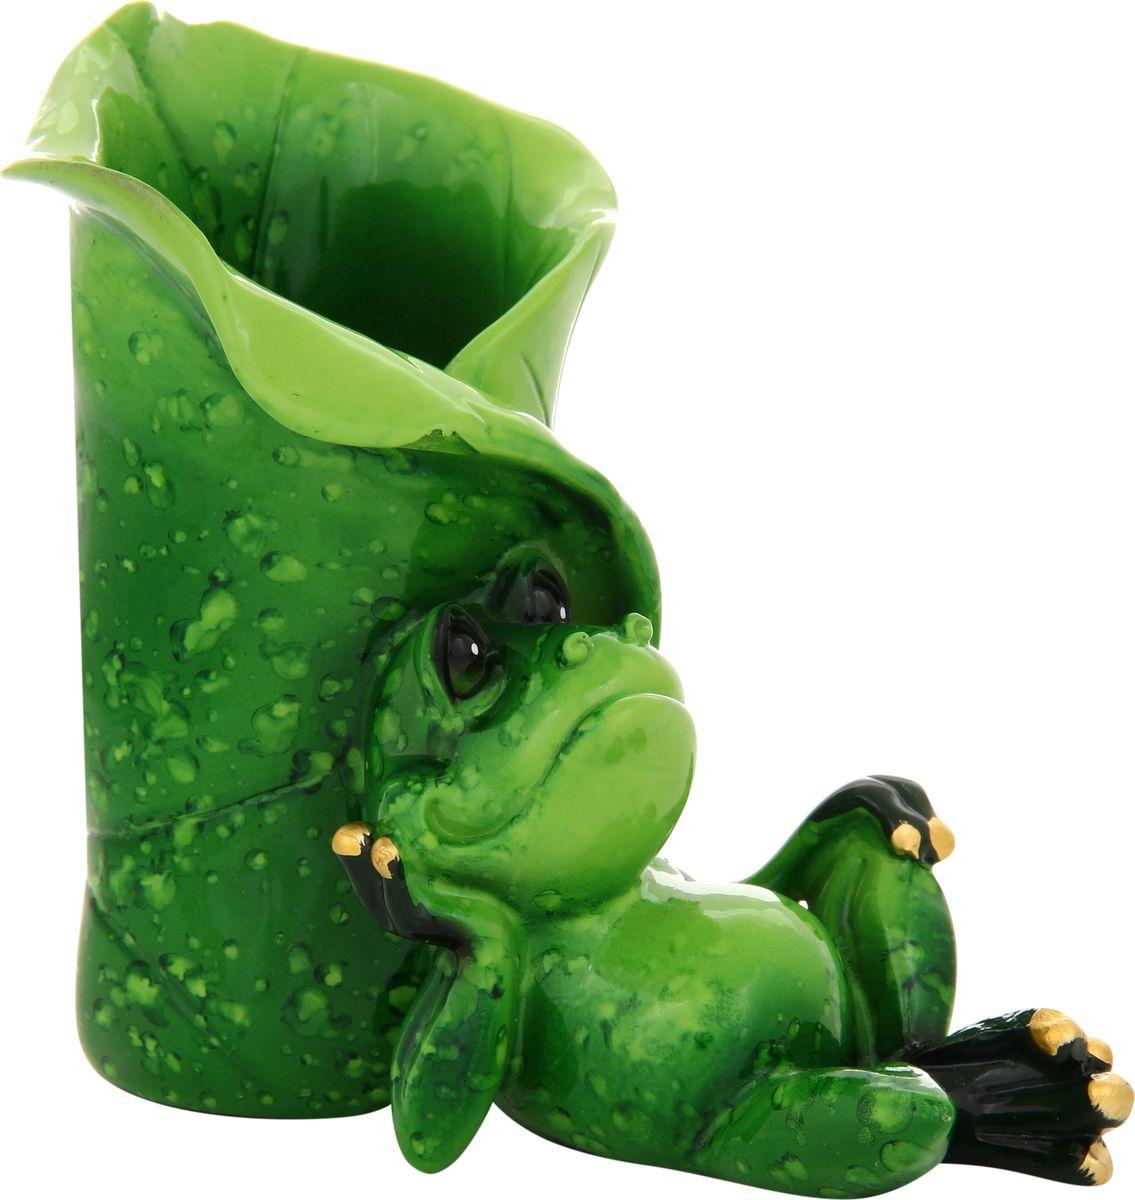 Фигурка декоративная Elan Gallery Лягушка подставка под карандаши, 10 х 9,5 см870002Декоративные фигурки в виде забавных лягушат, изготовленные из полистоуна, станут необычным аксессуаром для вашего интерьера. Эти очаровательные вещицы станут отличным подарком Вашим друзьям и близким.Размер статуэтки: 10,5 х 6 х 9,5 см.